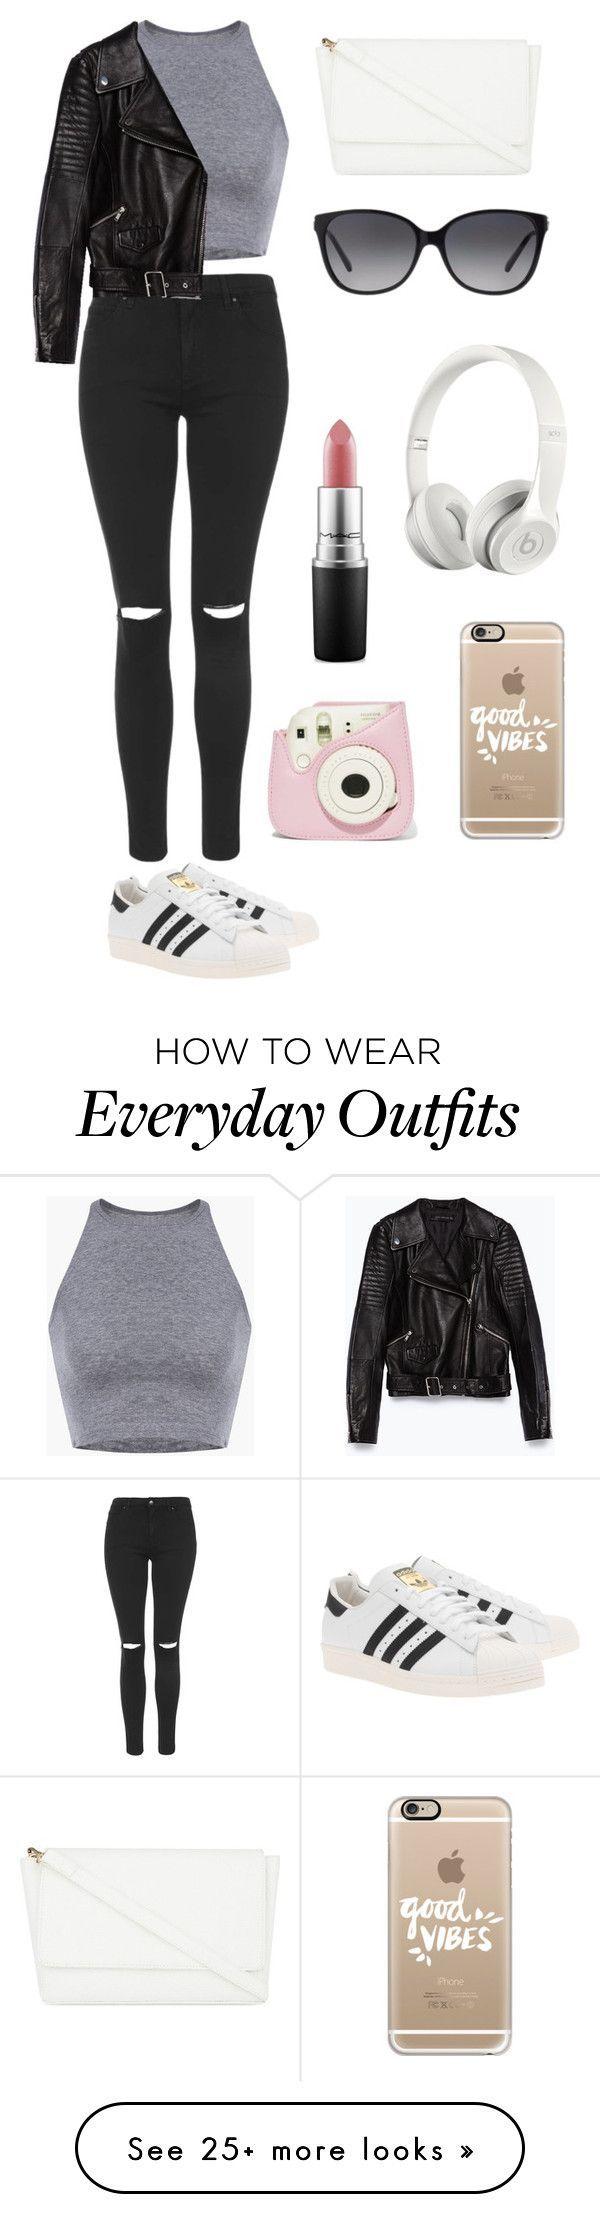 Pantalón negro, blusa gris,chaqueta negra,zapatos blancos